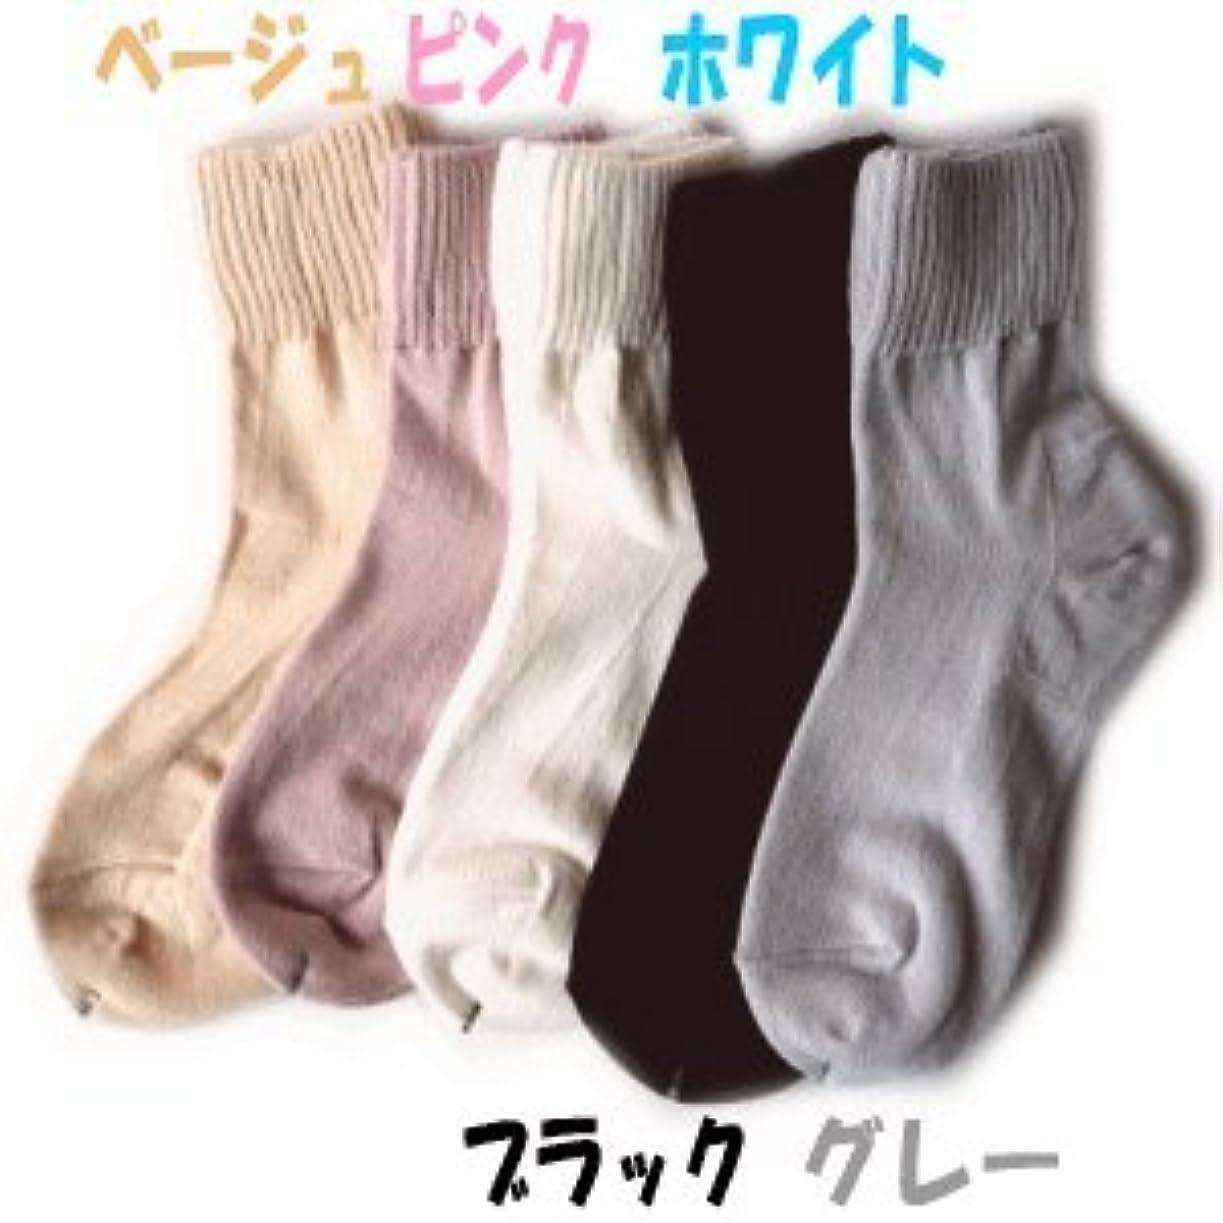 すすり泣きボット薄手 ゆったり かかと ツルツル 靴下 ピンク 角質ケア ひび割れ対策 22-24cm 太陽ニット 574